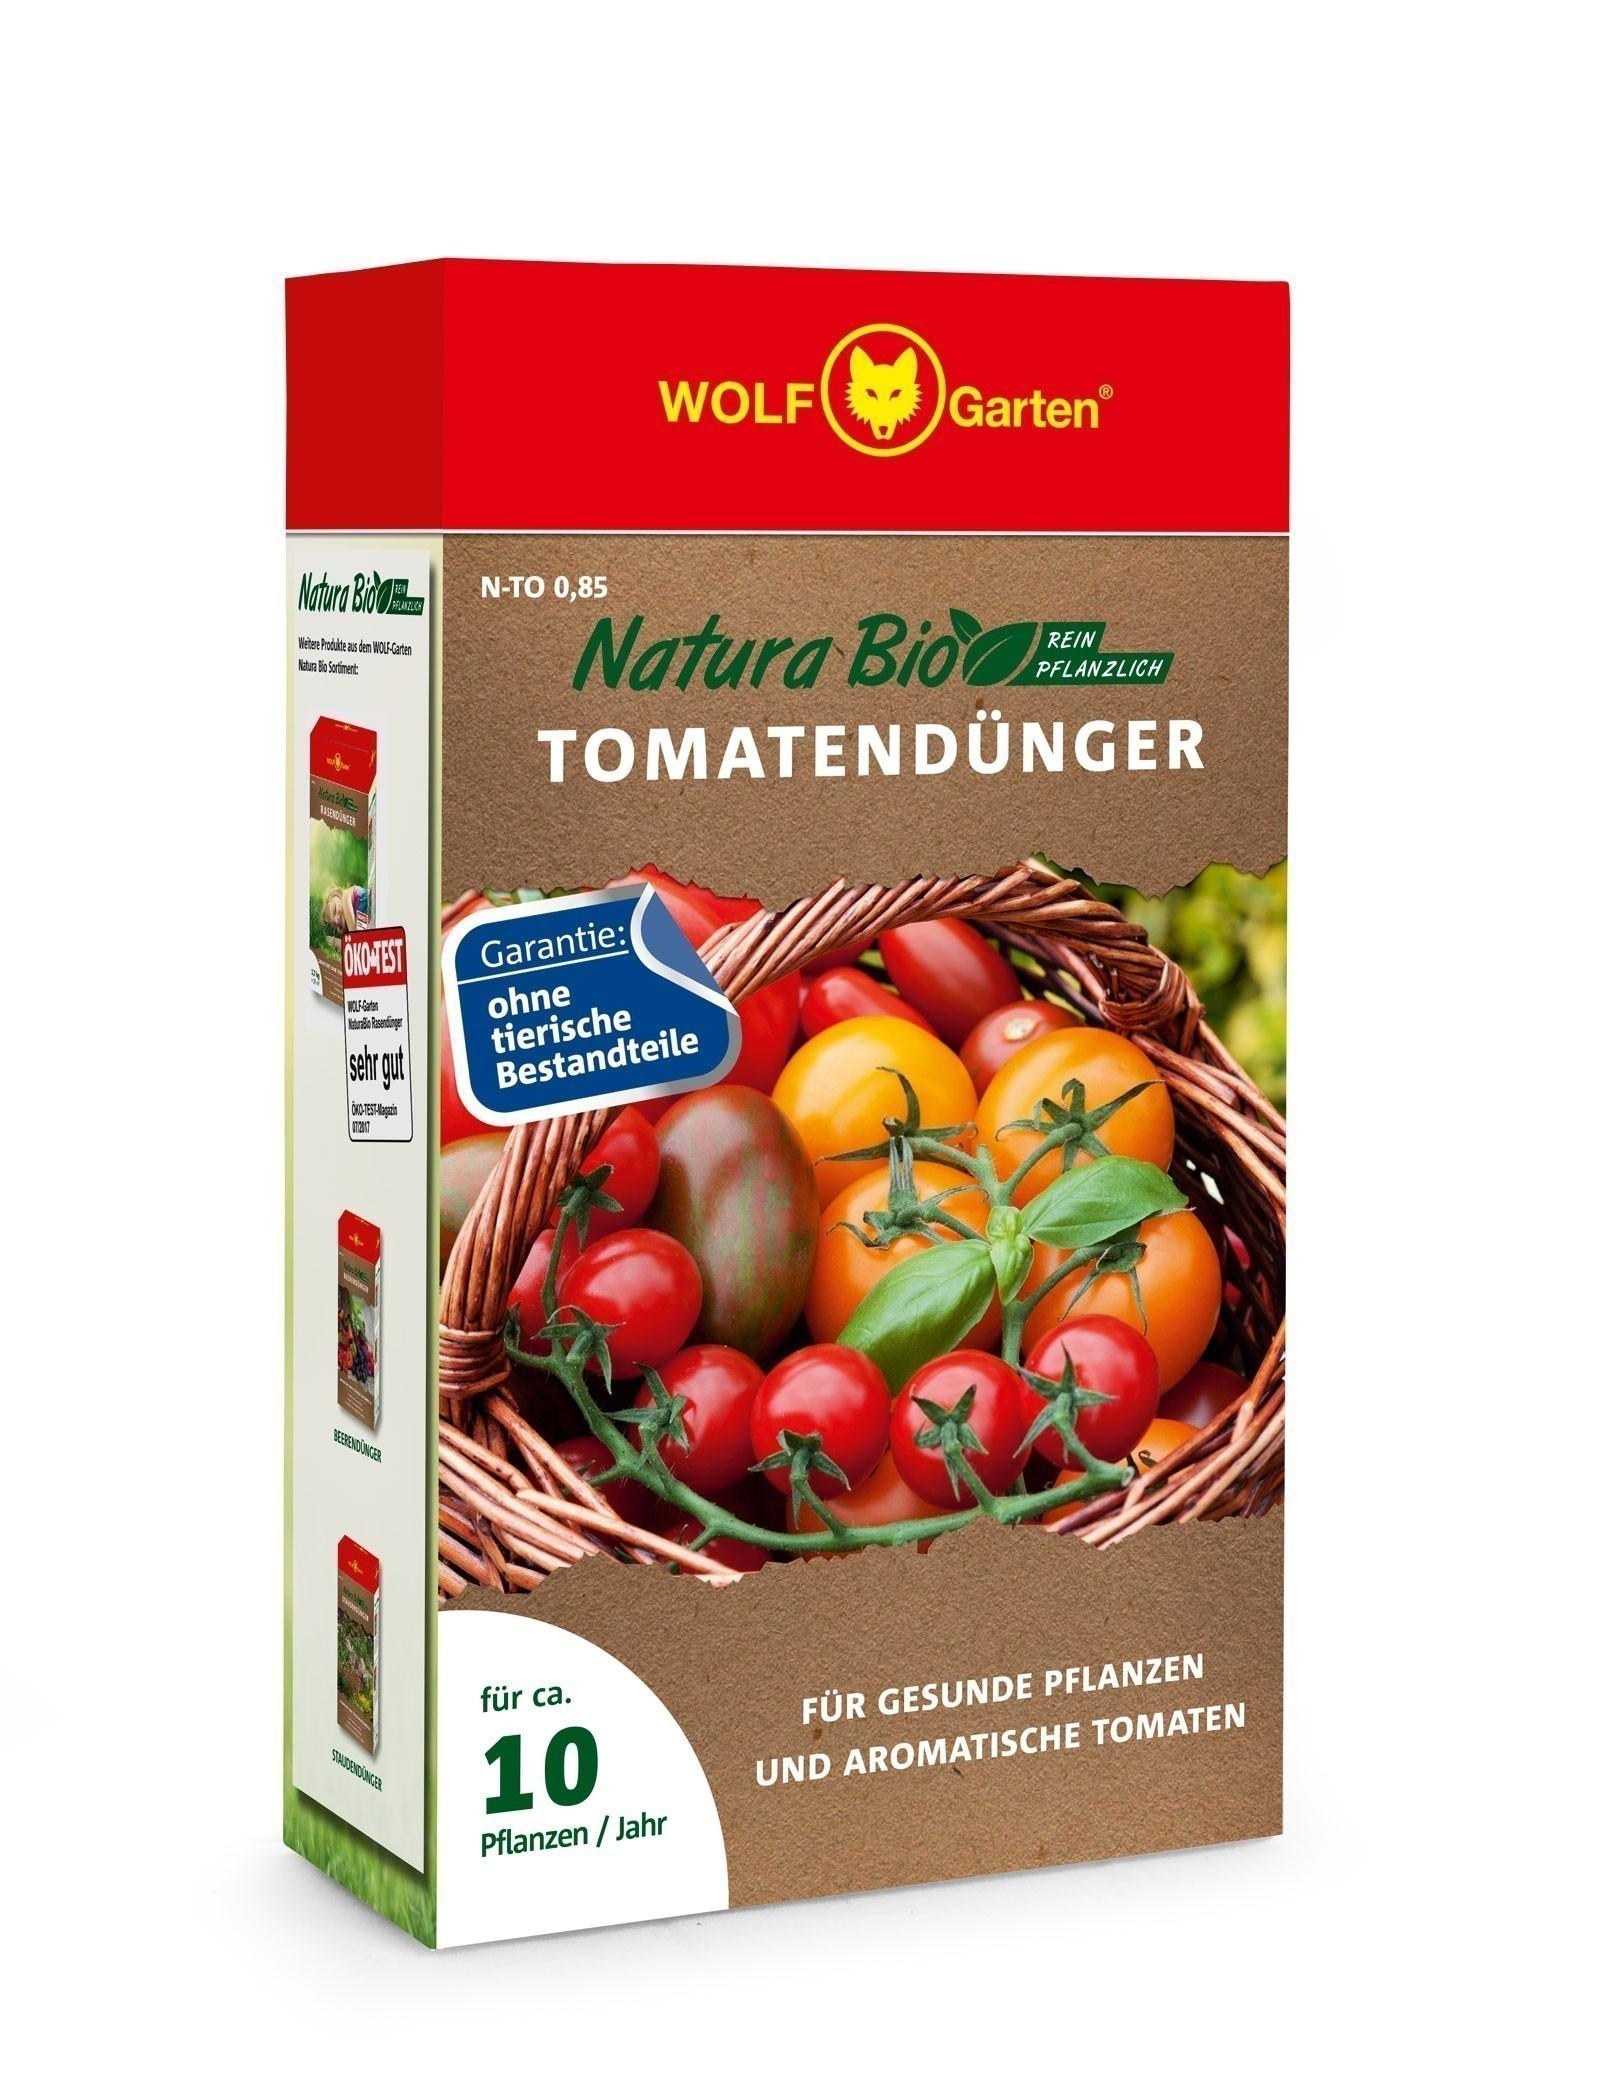 Wolf Garten Natura Bio Tomatendünger N-TO 0,85 für 10 Pflanzen Bild 1